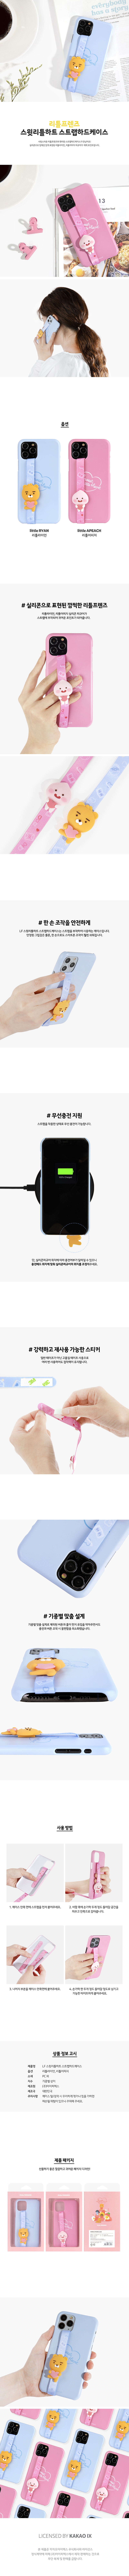 갤럭시S9 플러스 카카오프렌즈 리틀 스윗 하트 실리콘 스트랩 하드 핸드폰 케이스 - 쓰리엑스, 19,900원, 케이스, 갤럭시S9/S9플러스